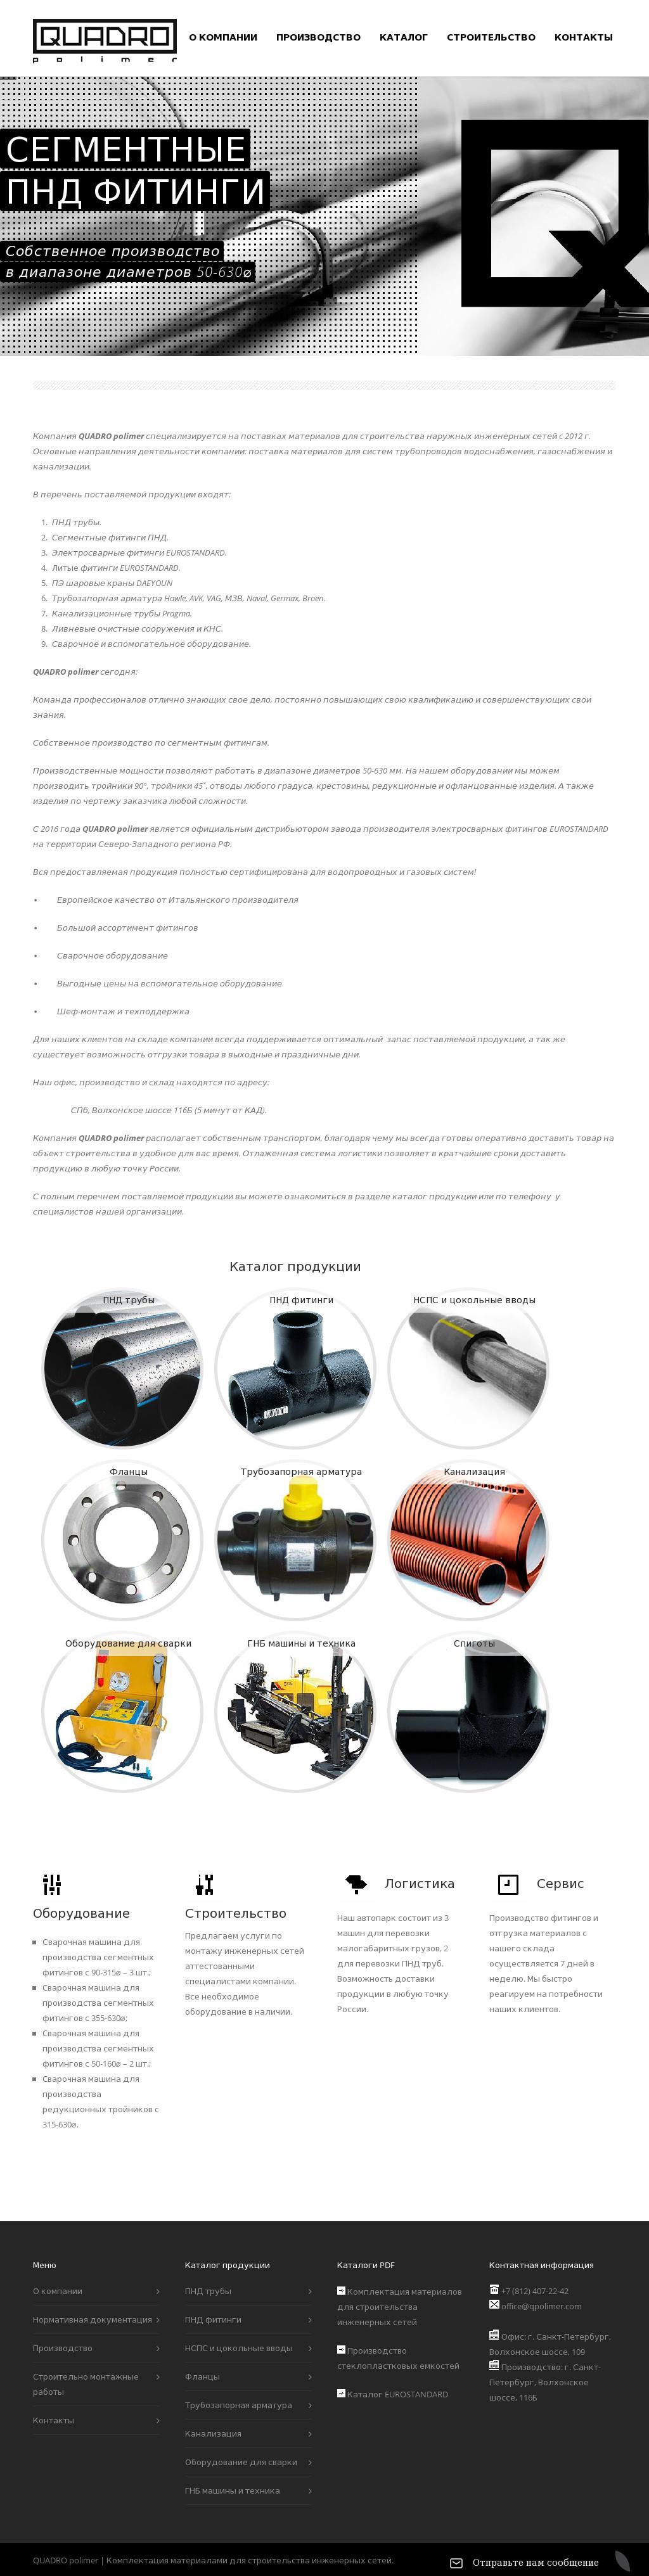 Производство ПНД труб – материалы для инженерных систем в СПб - QUADRO Polimer - https://quadropolimer.com – реализован